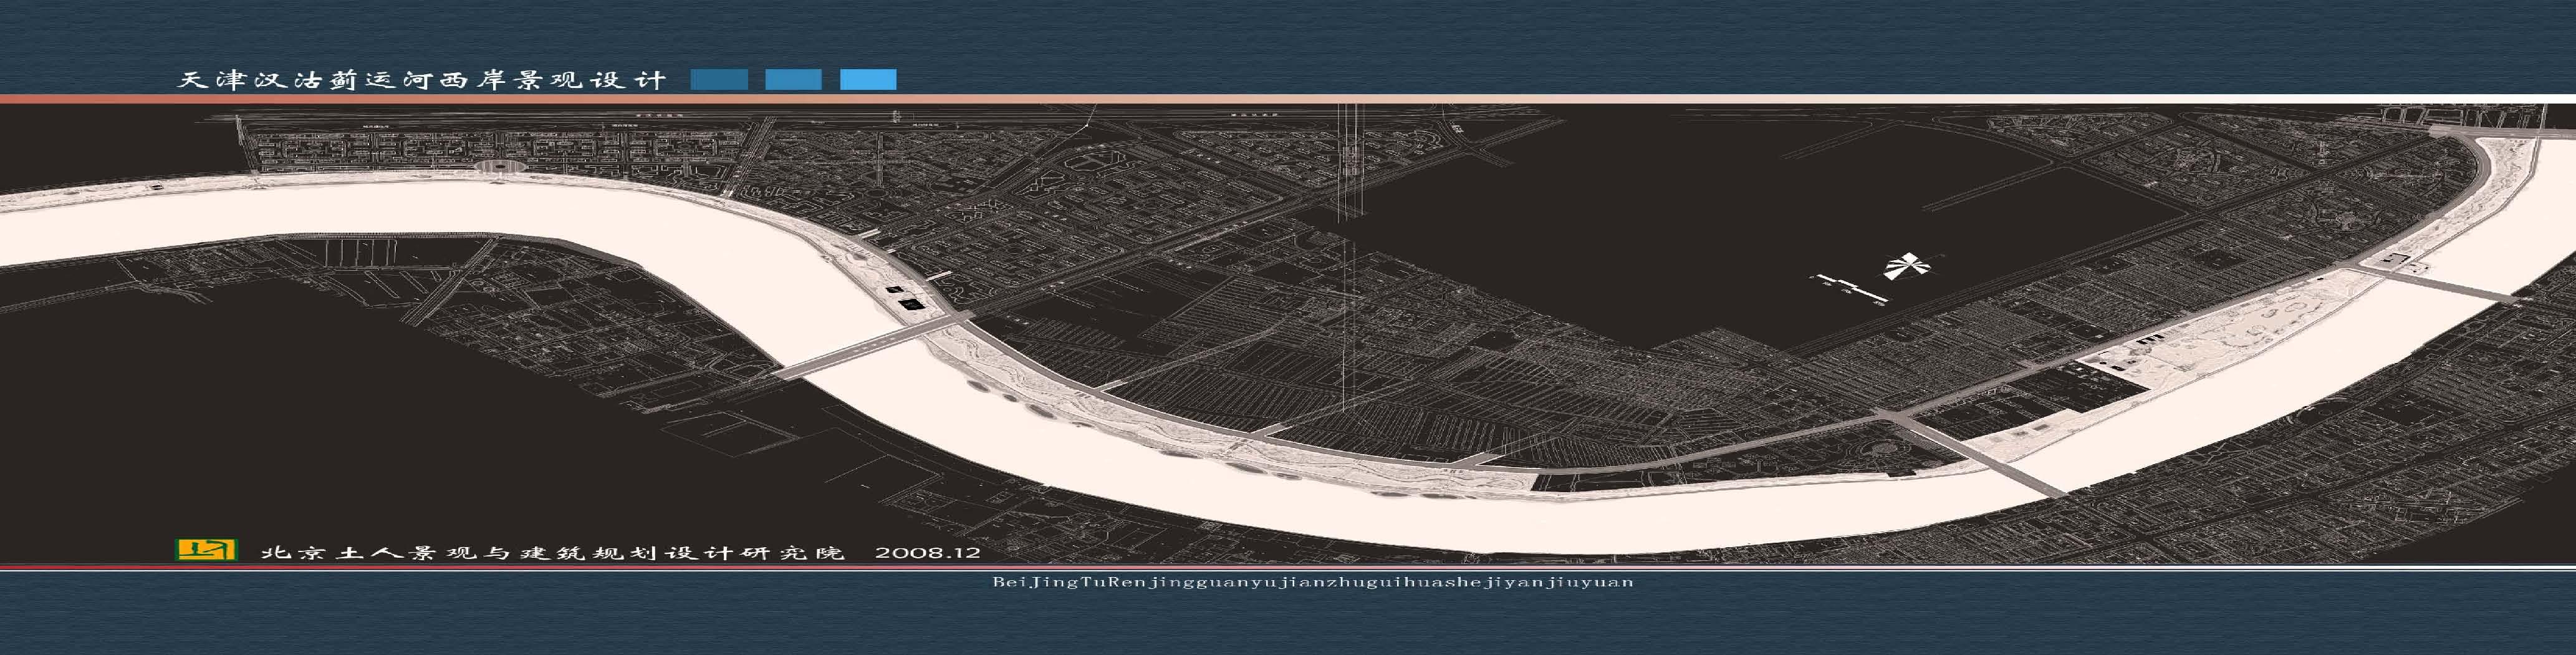 [天津]运河西岸生态公园景观设计方案初设图图片1